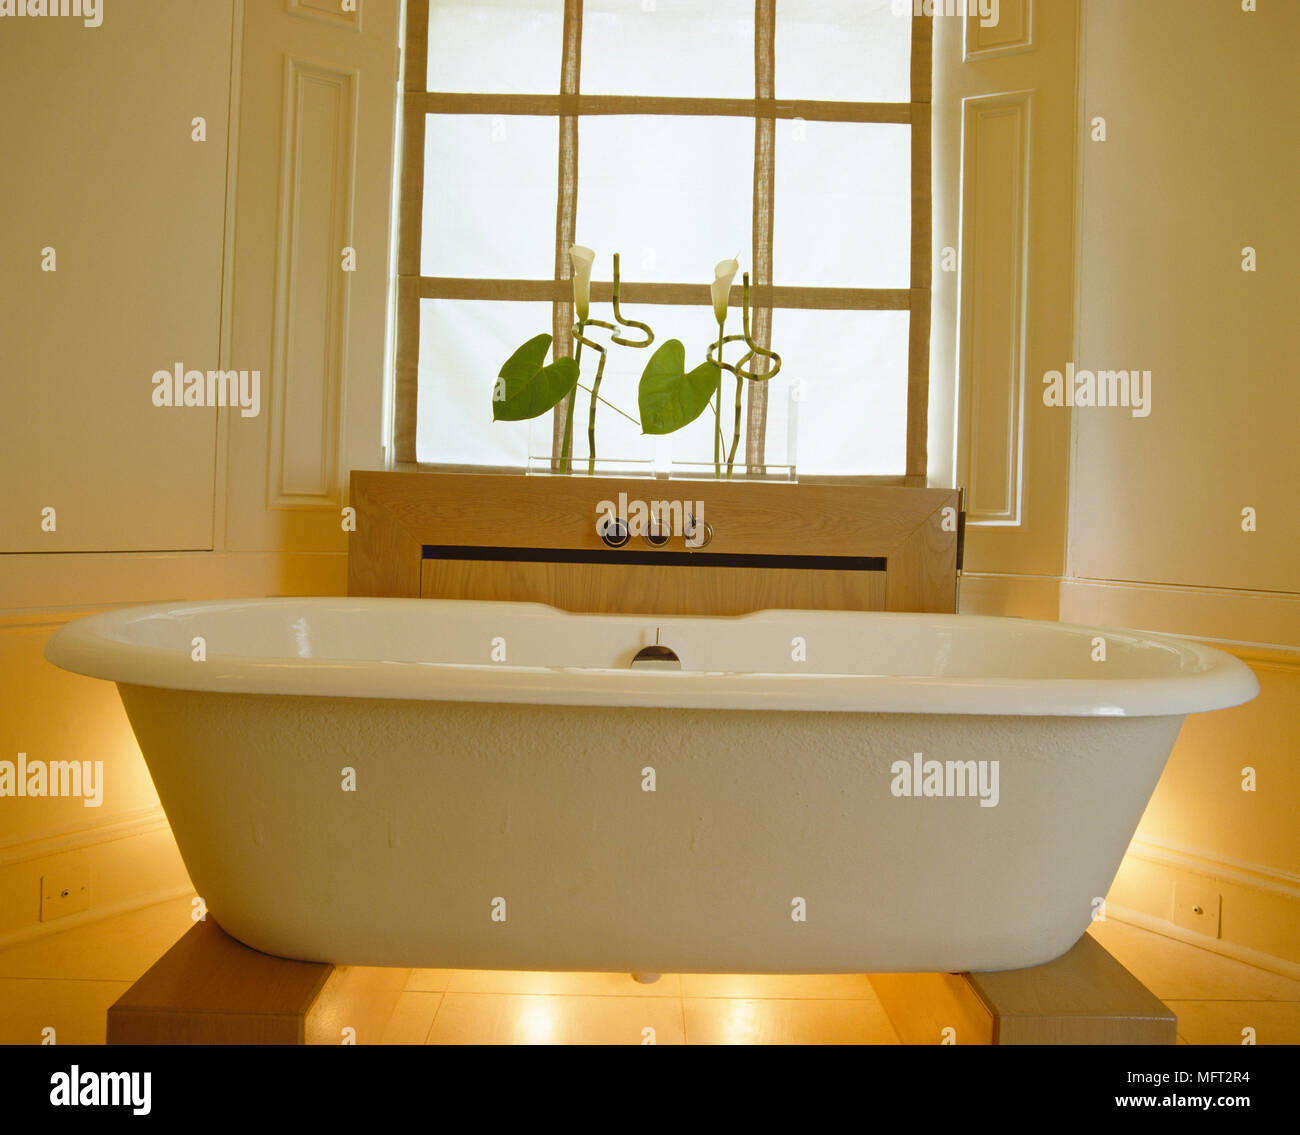 Freistehende Badewanne Wanne Vor Fenster In Gelb Bad